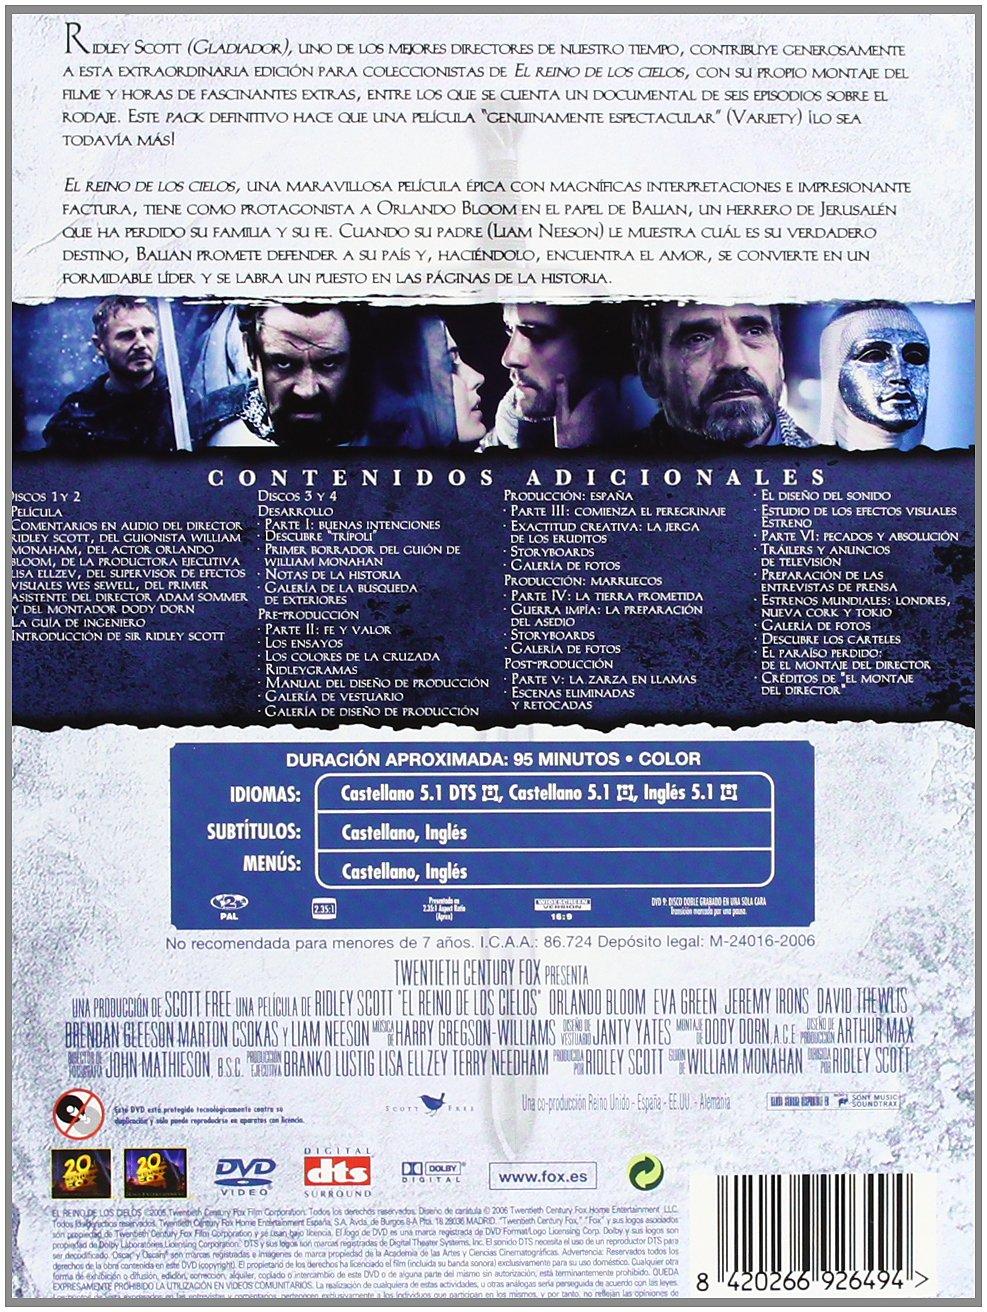 El reino de los cielos El montaje del director DVD: Amazon.es: Orlando Bloom, Liam Neeson, Jeremy Irons, Eva Green, David Thewlis, Marton Csokas, ...